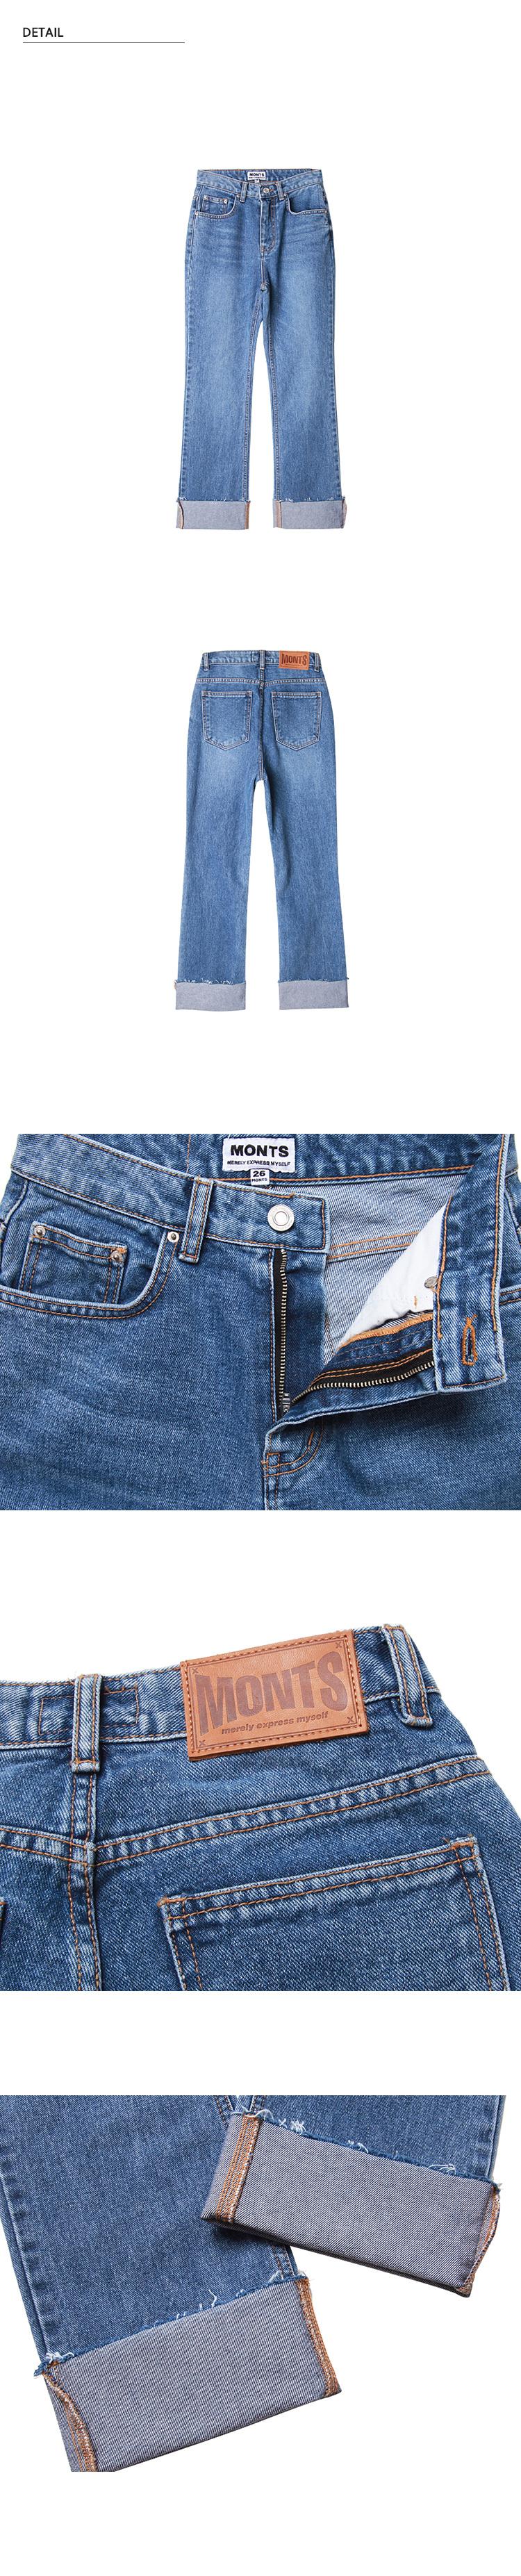 몬츠(MONTS) 855 roll up style denim pants